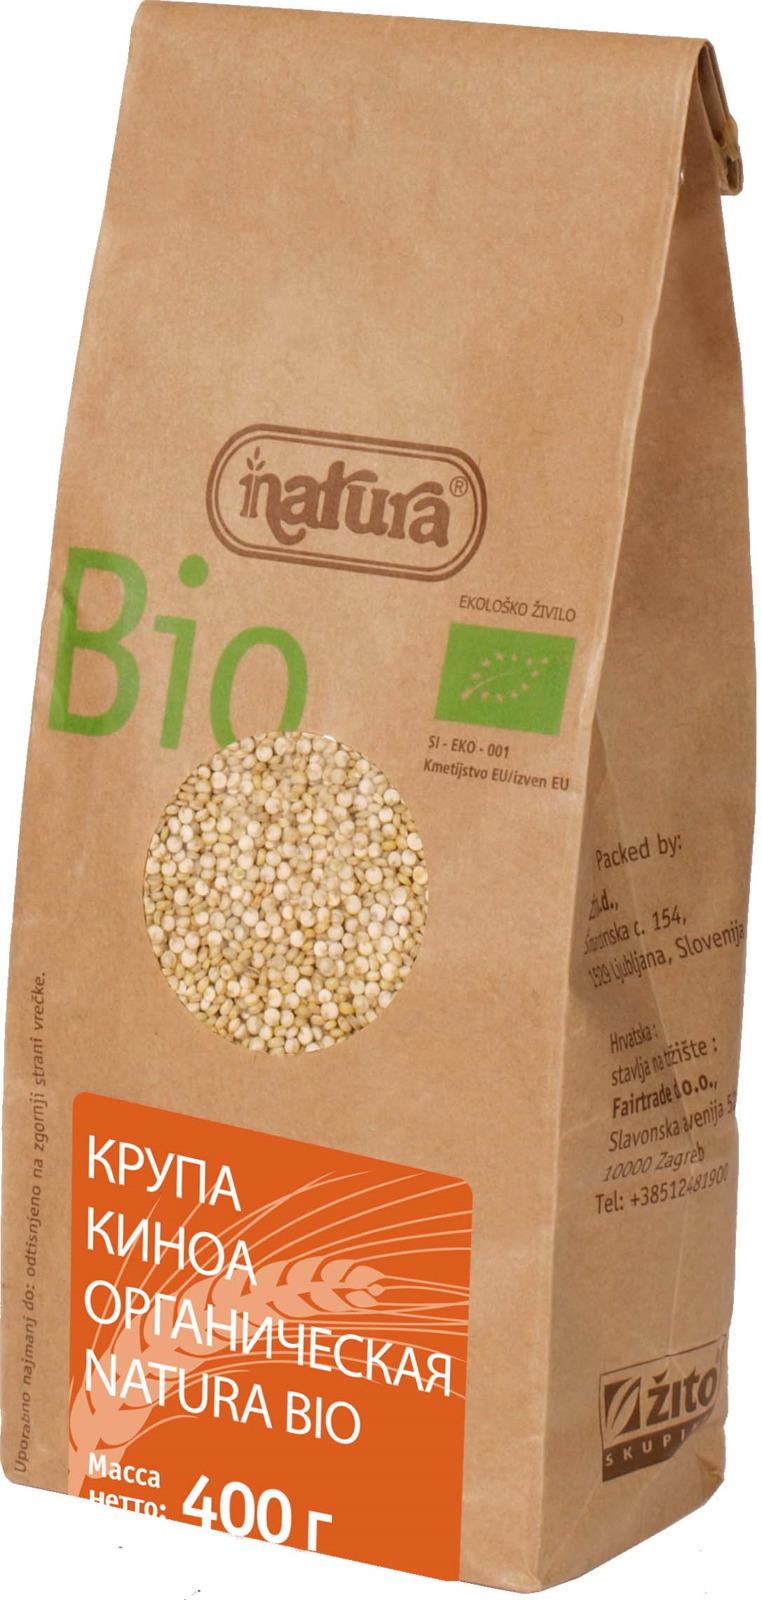 Zito Natura BioКрупа киноа органическая, 400 г Zito